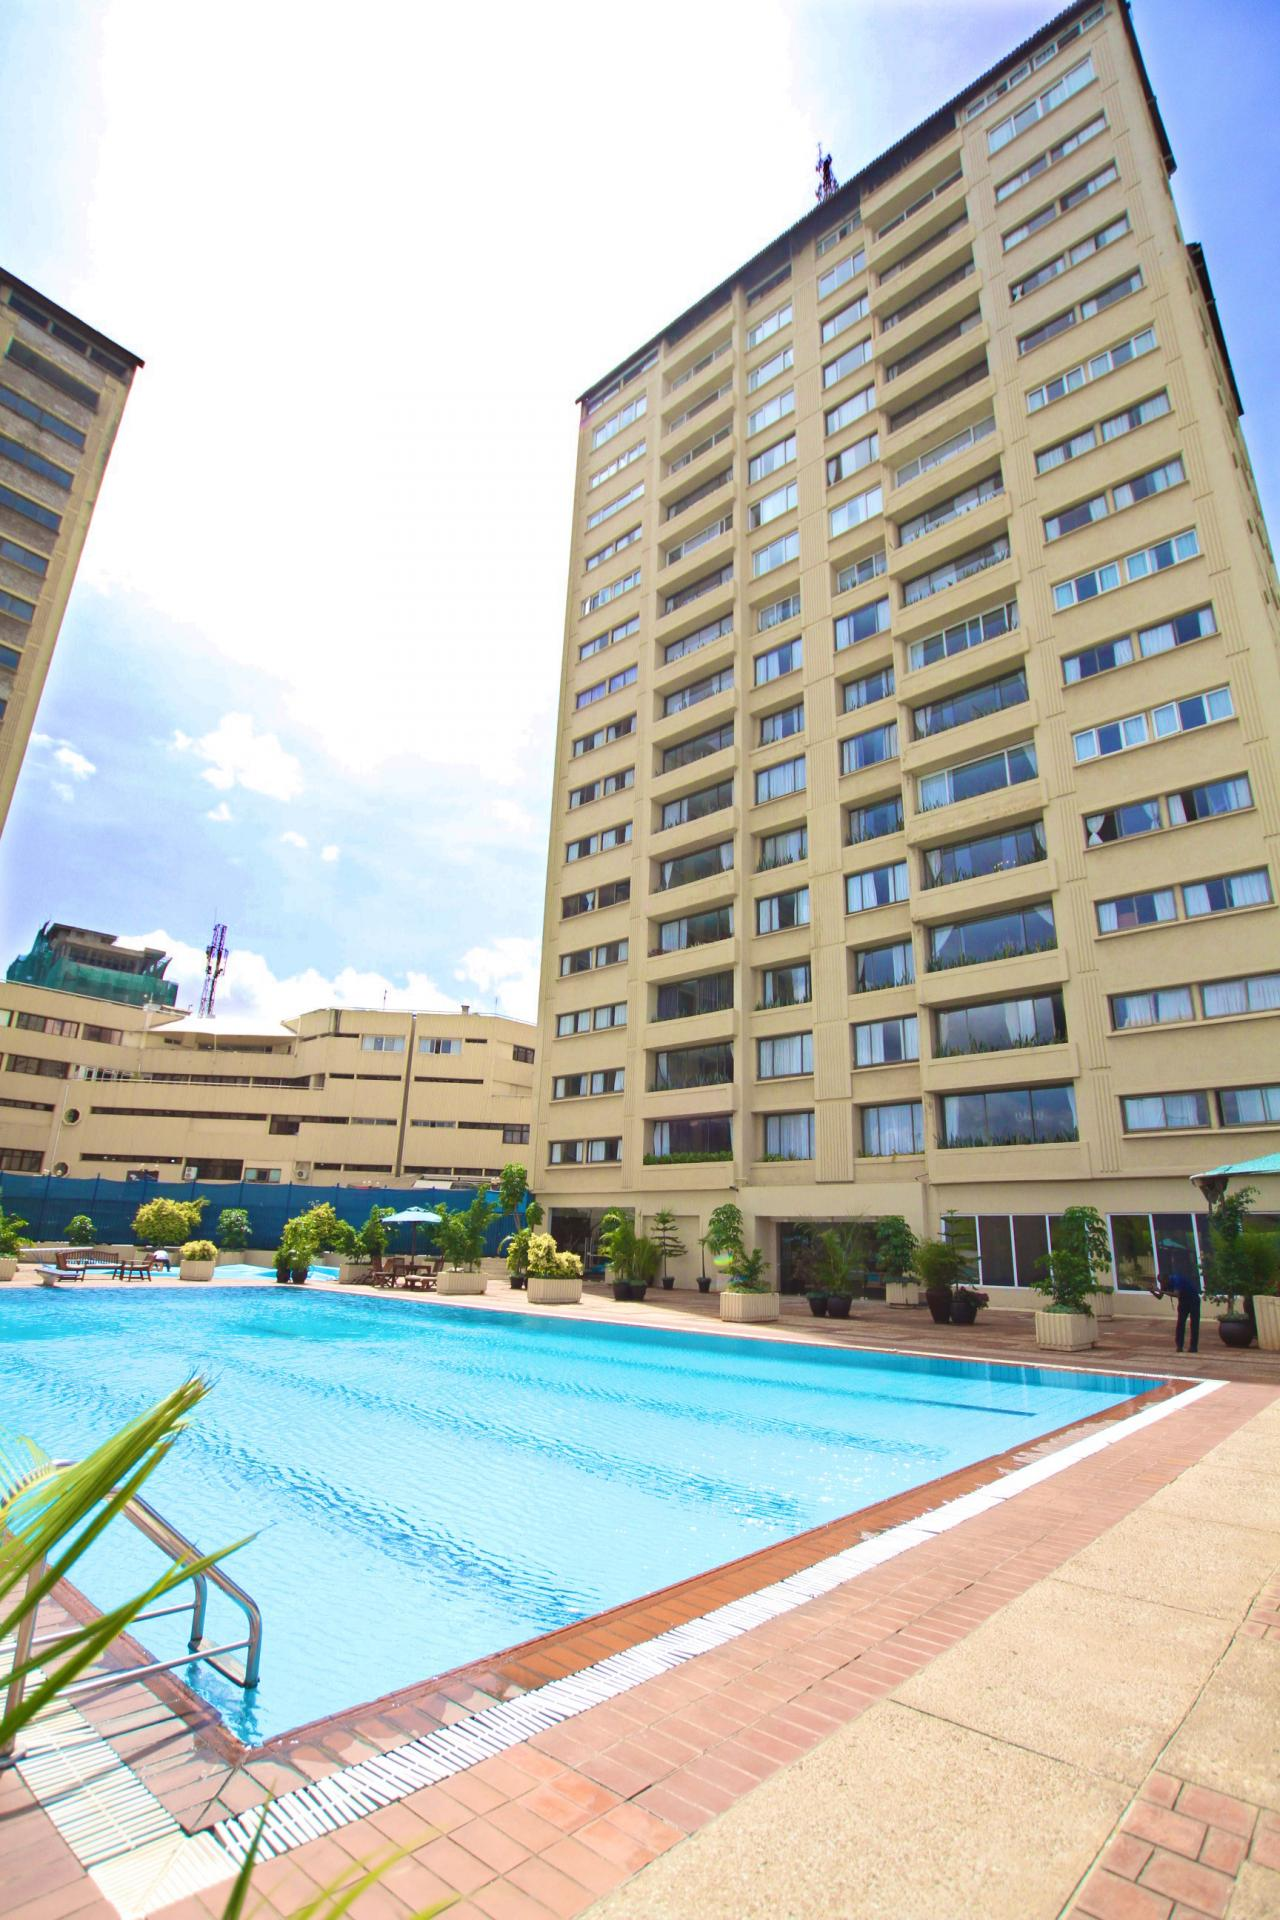 Pool at Yaya Apartments